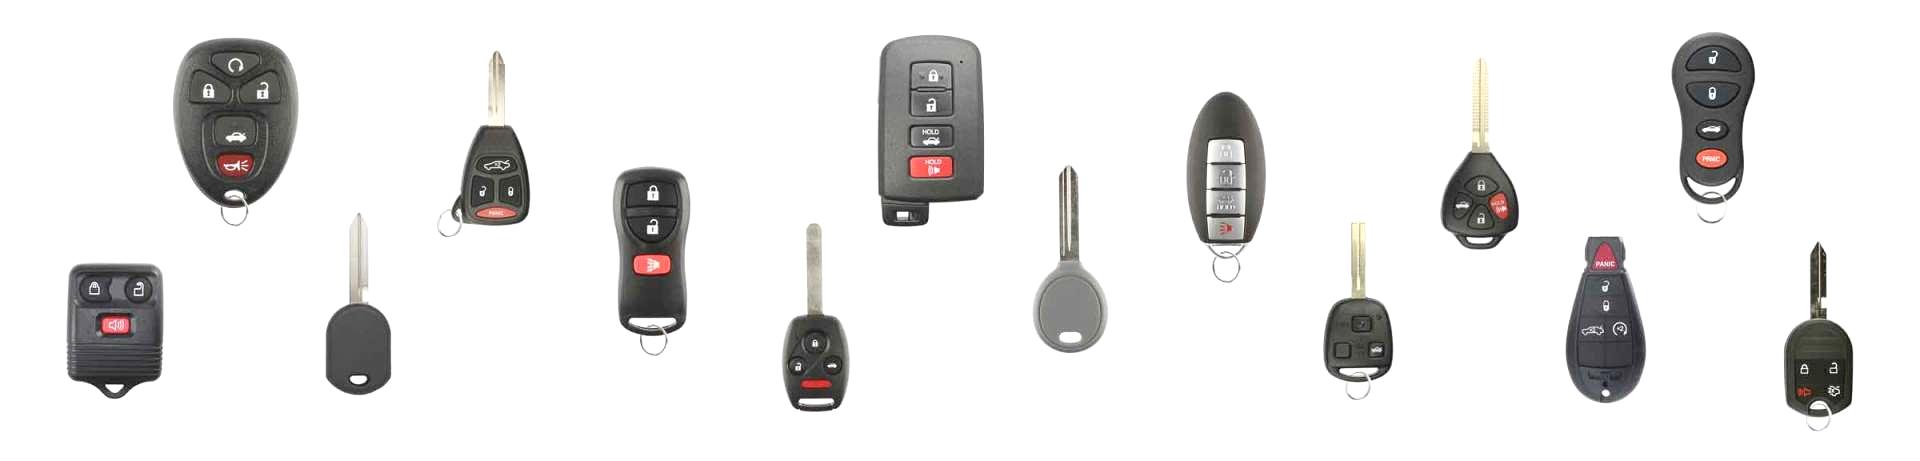 APEX Denver Locksmith Colorado | Car Key Replacement